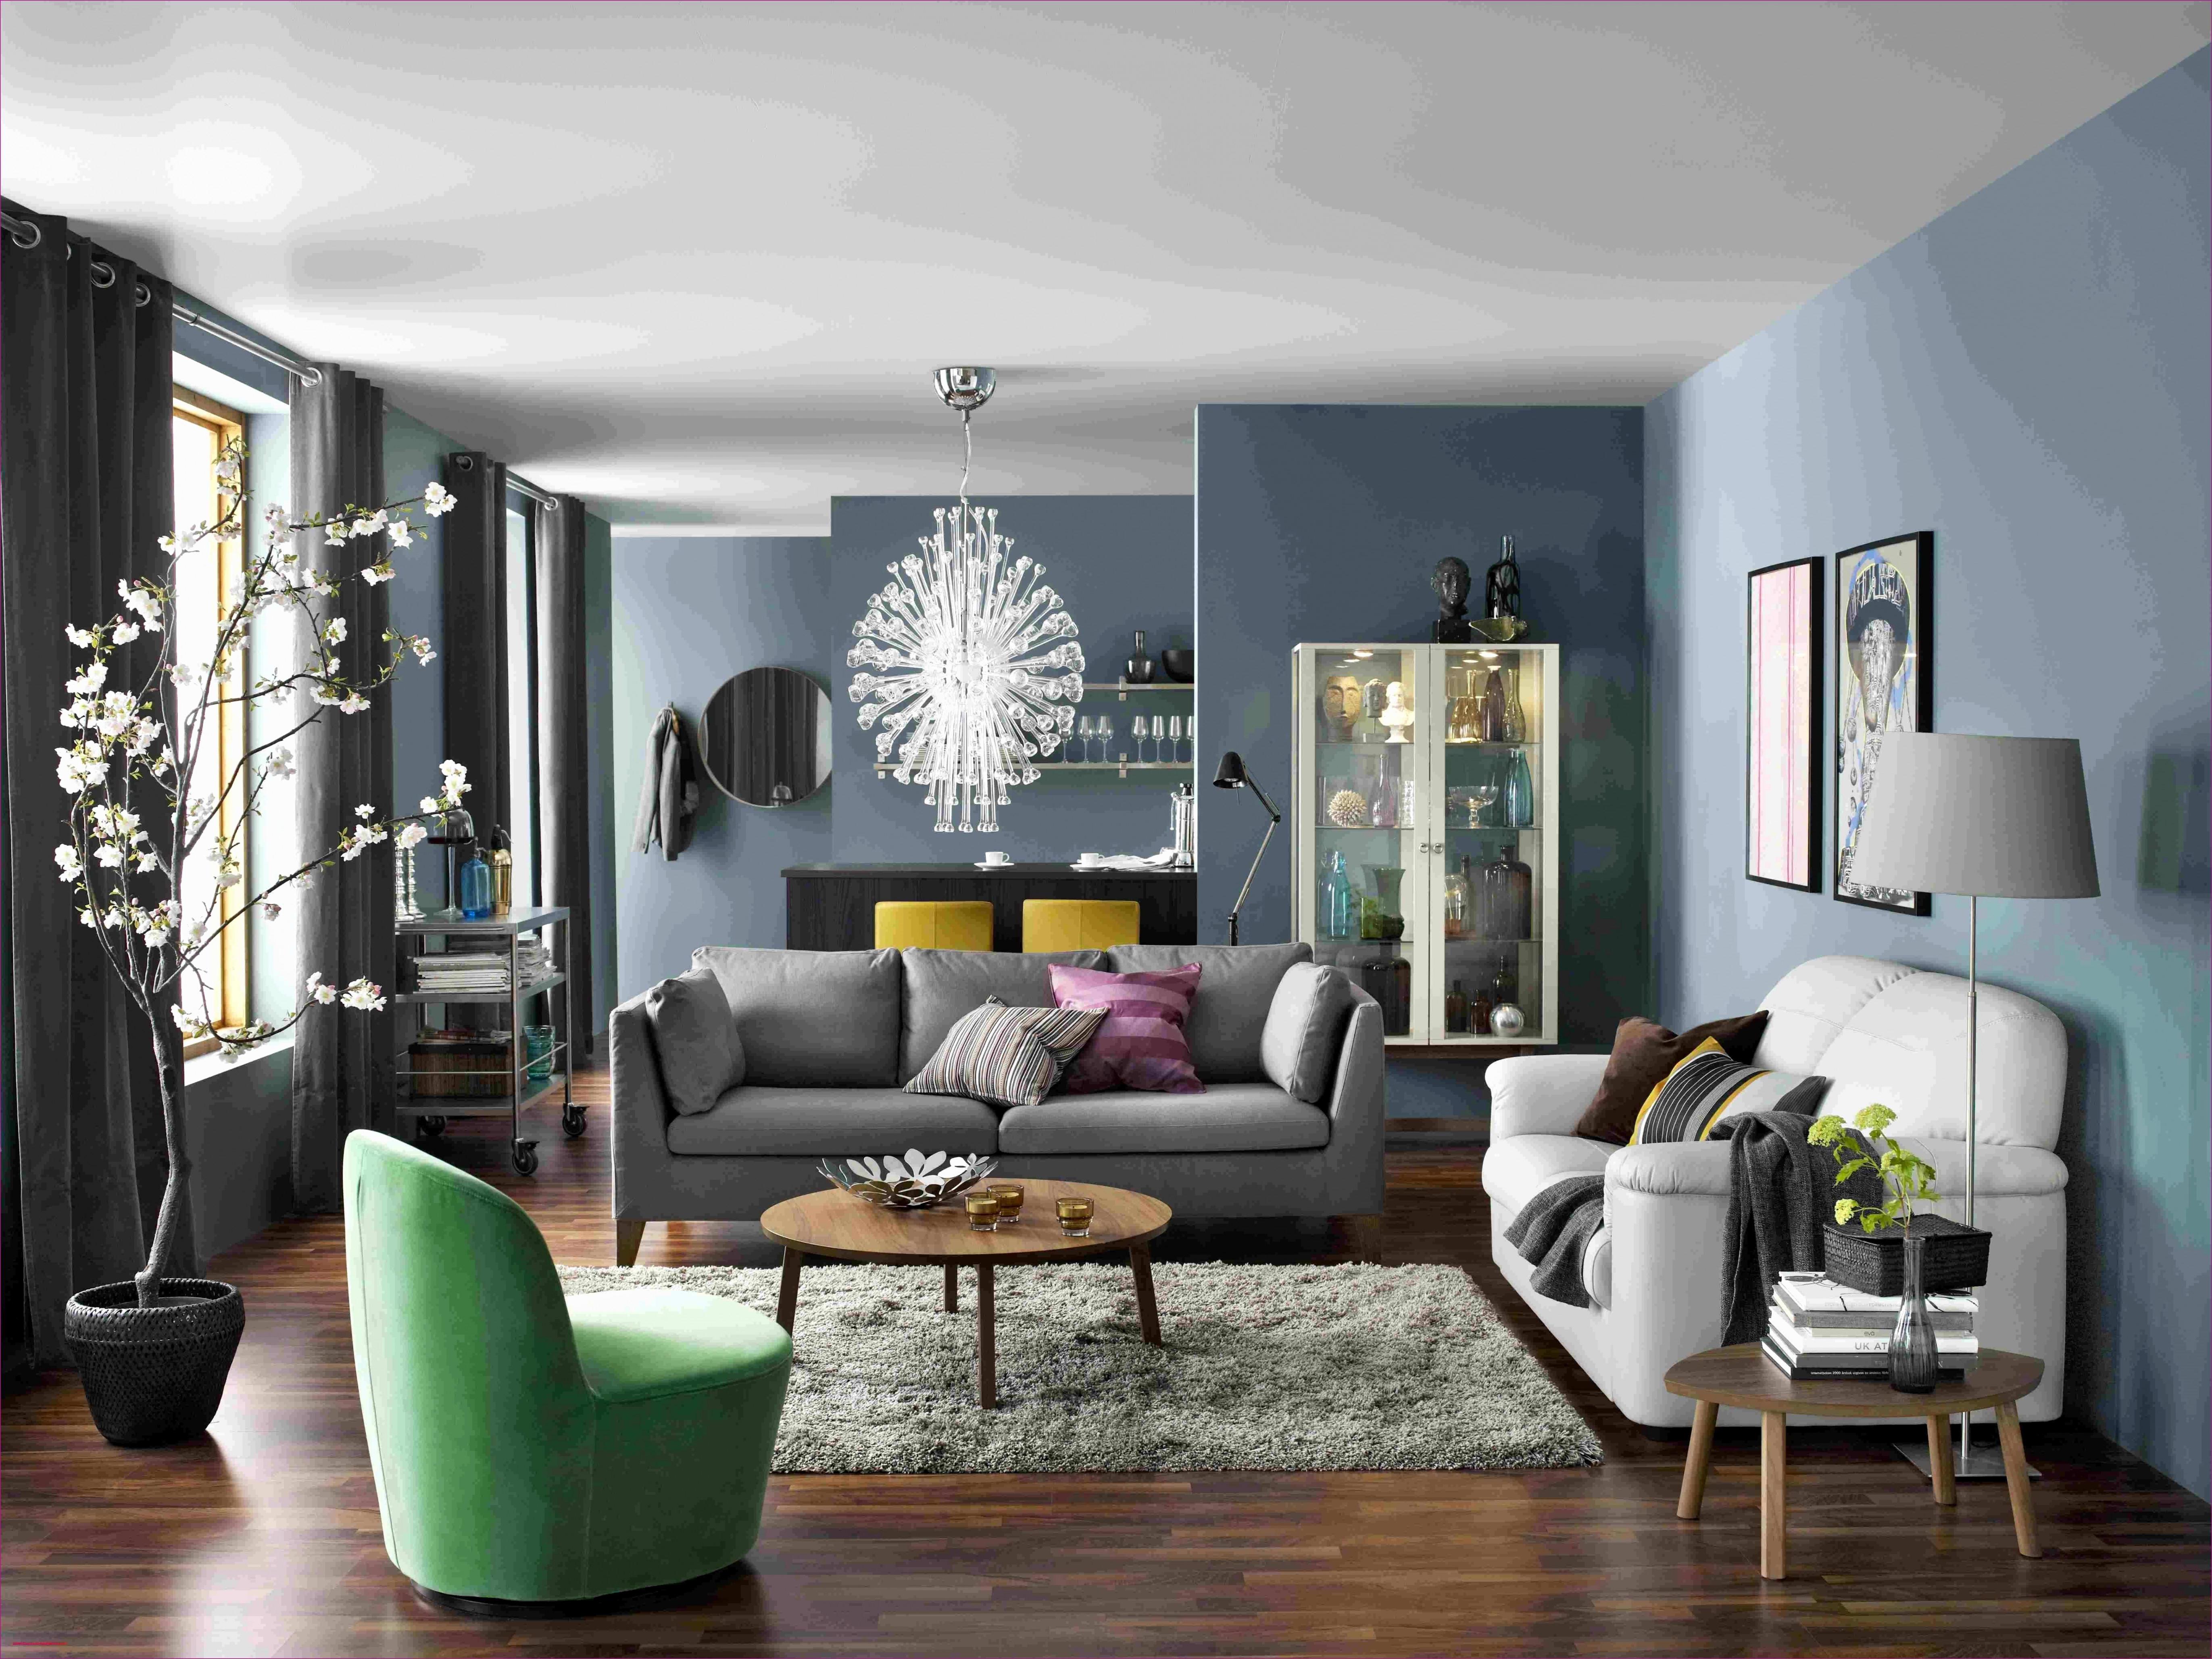 59 Genial Schmales Zimmer Einrichten Das Beste Von  Tolles von Langes Wohnzimmer Einrichten Bild